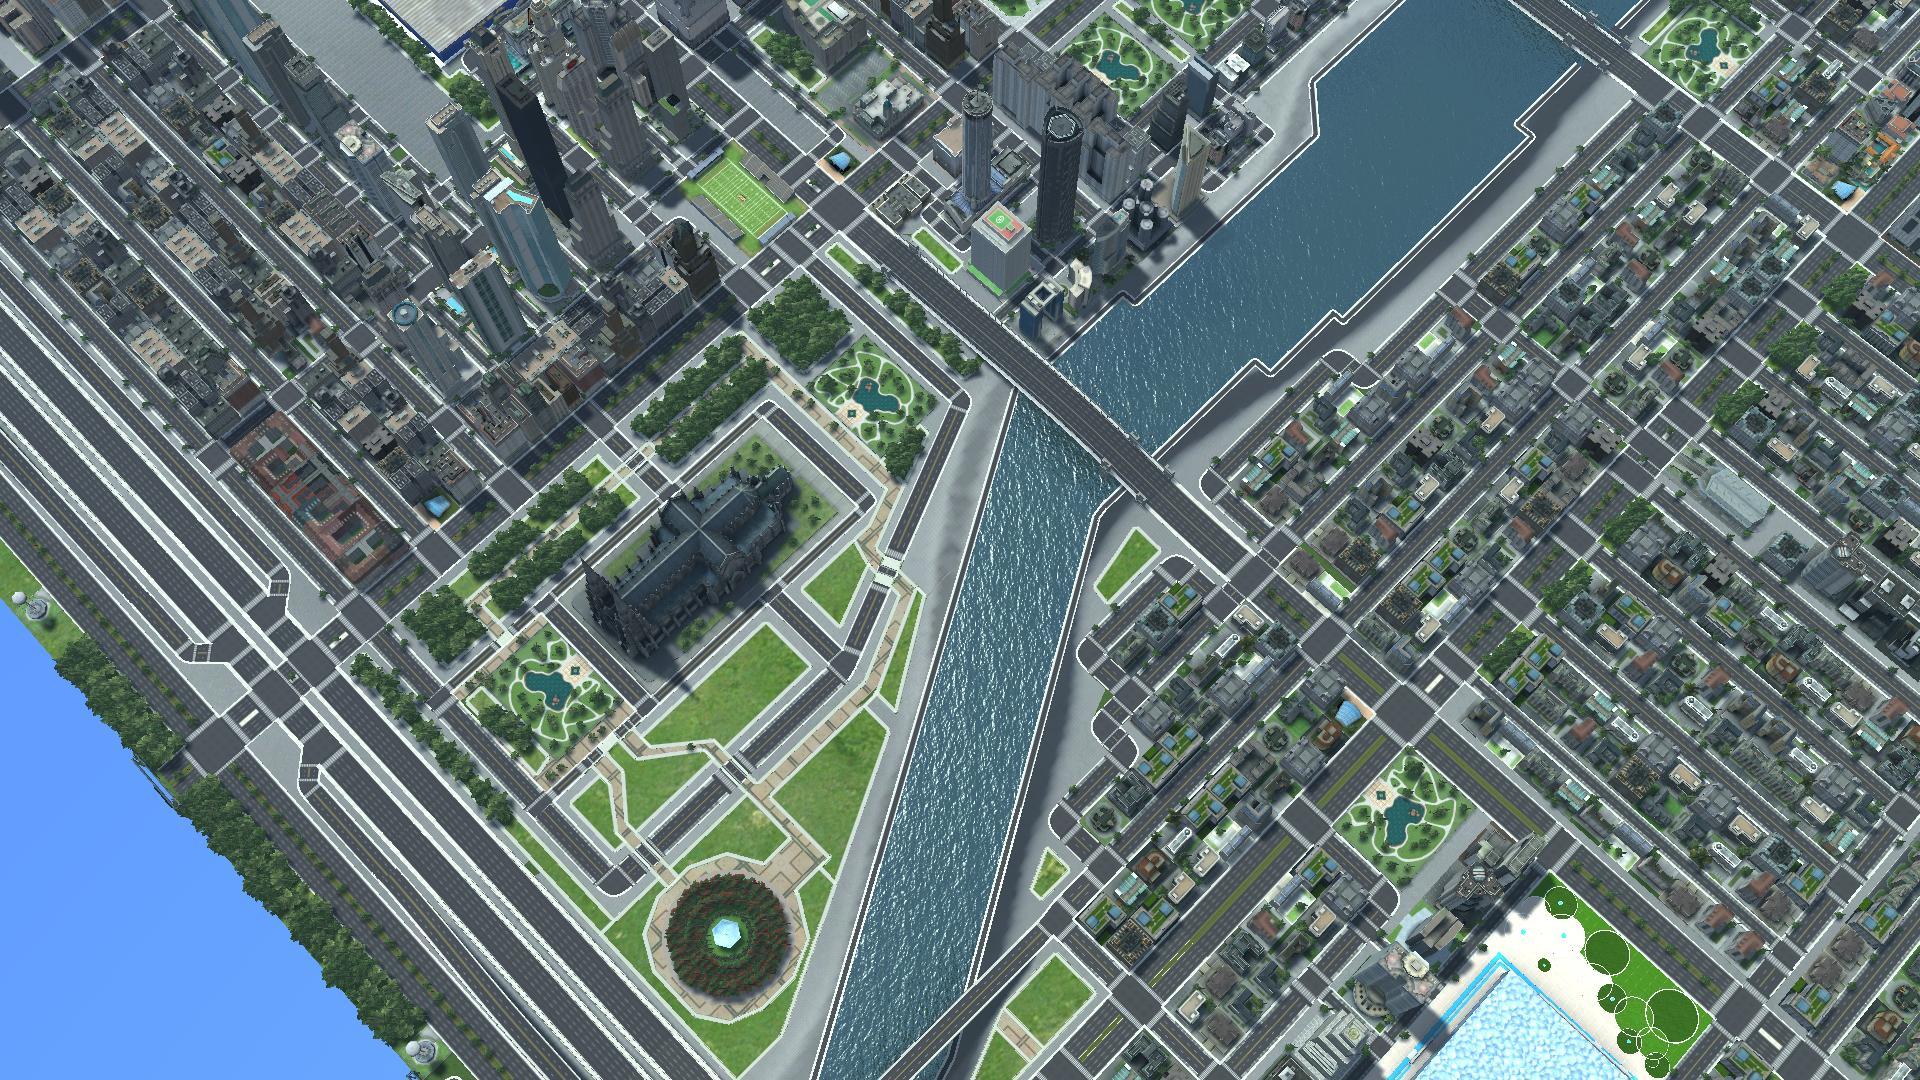 CitiesXL_2012 2014-11-06 16-54-04-84.jpg